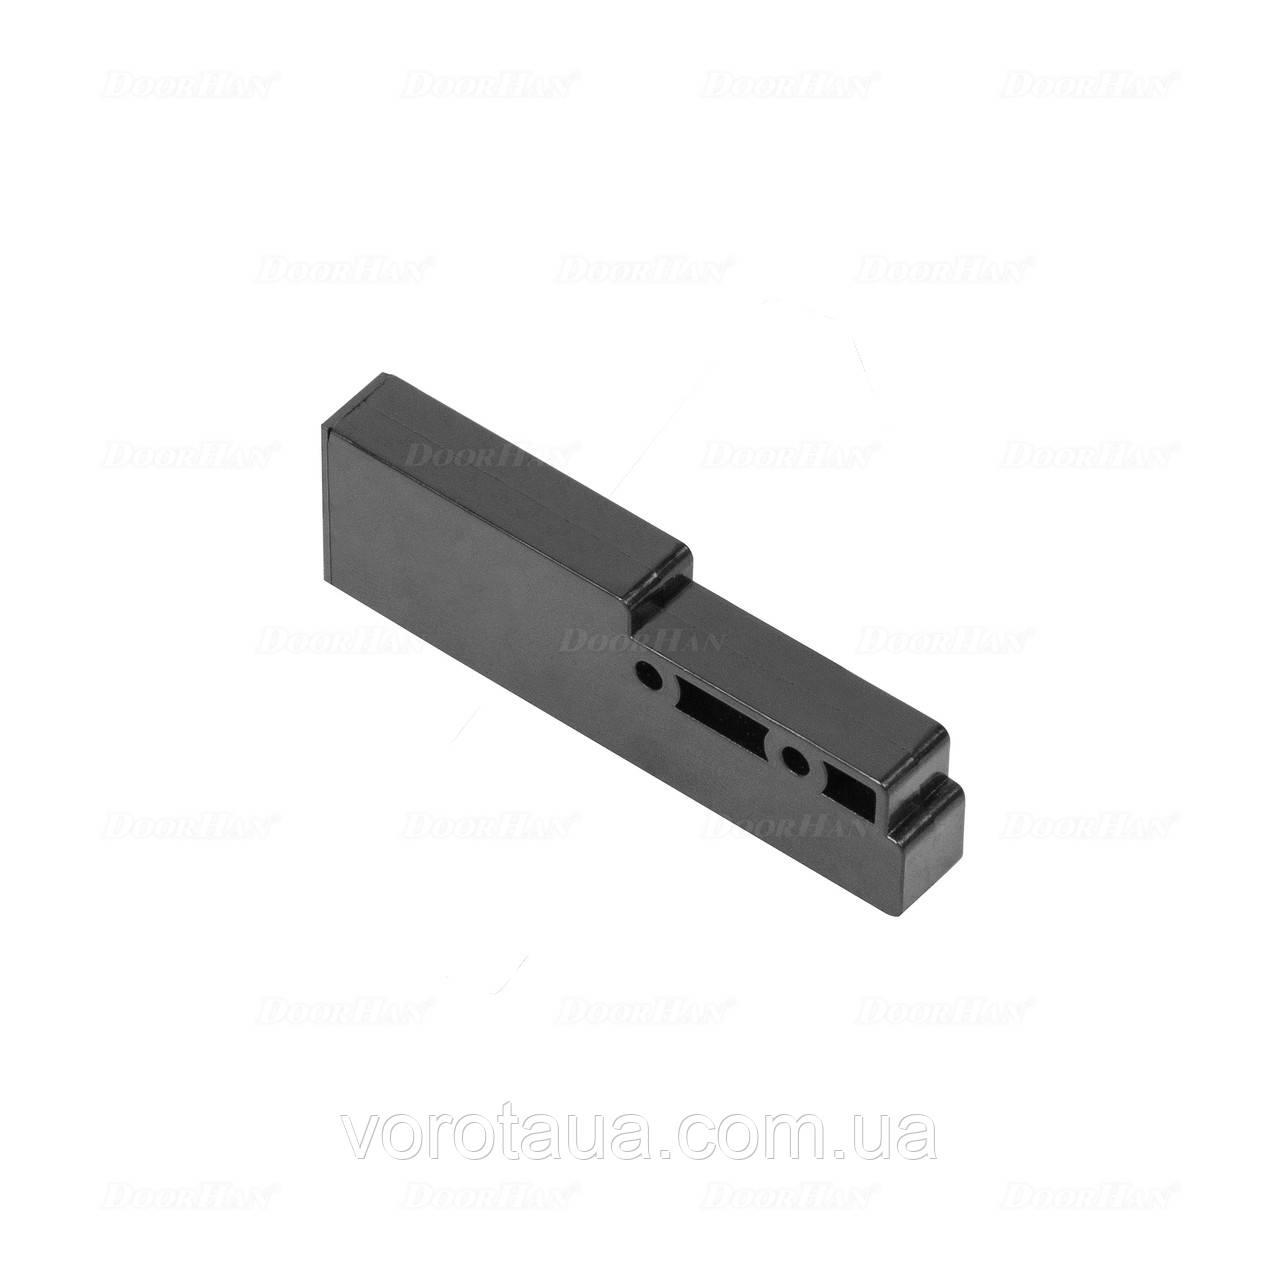 Считыватель концевых выключателей DHSL041N для приводов DoorHan Sliding